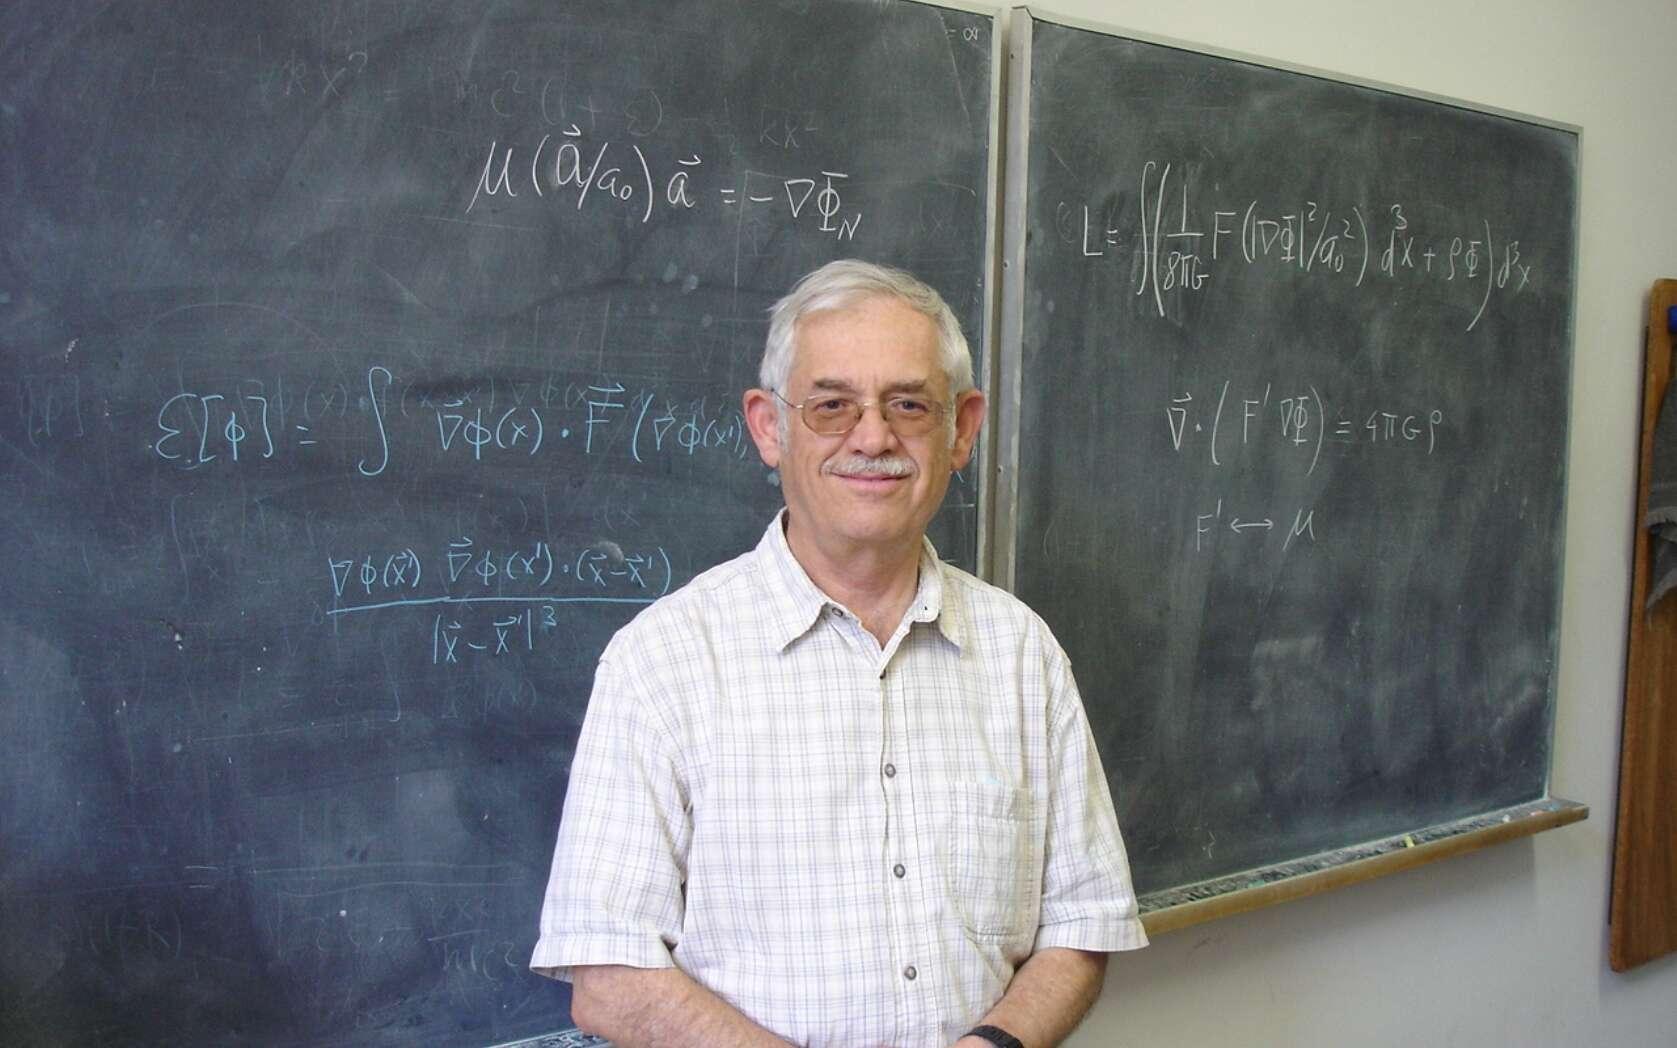 Le physicien Jacob Bekenstein était l'élève de John Wheeler, à Princeton (États-Unis), lorsqu'il découvrit que les trous noirs devaient posséder une entropie. Depuis lors, il s'interrogeait sur la gravitation quantique et sur la théorie MOND comme le montre cette photo. © DP, Wikipédia